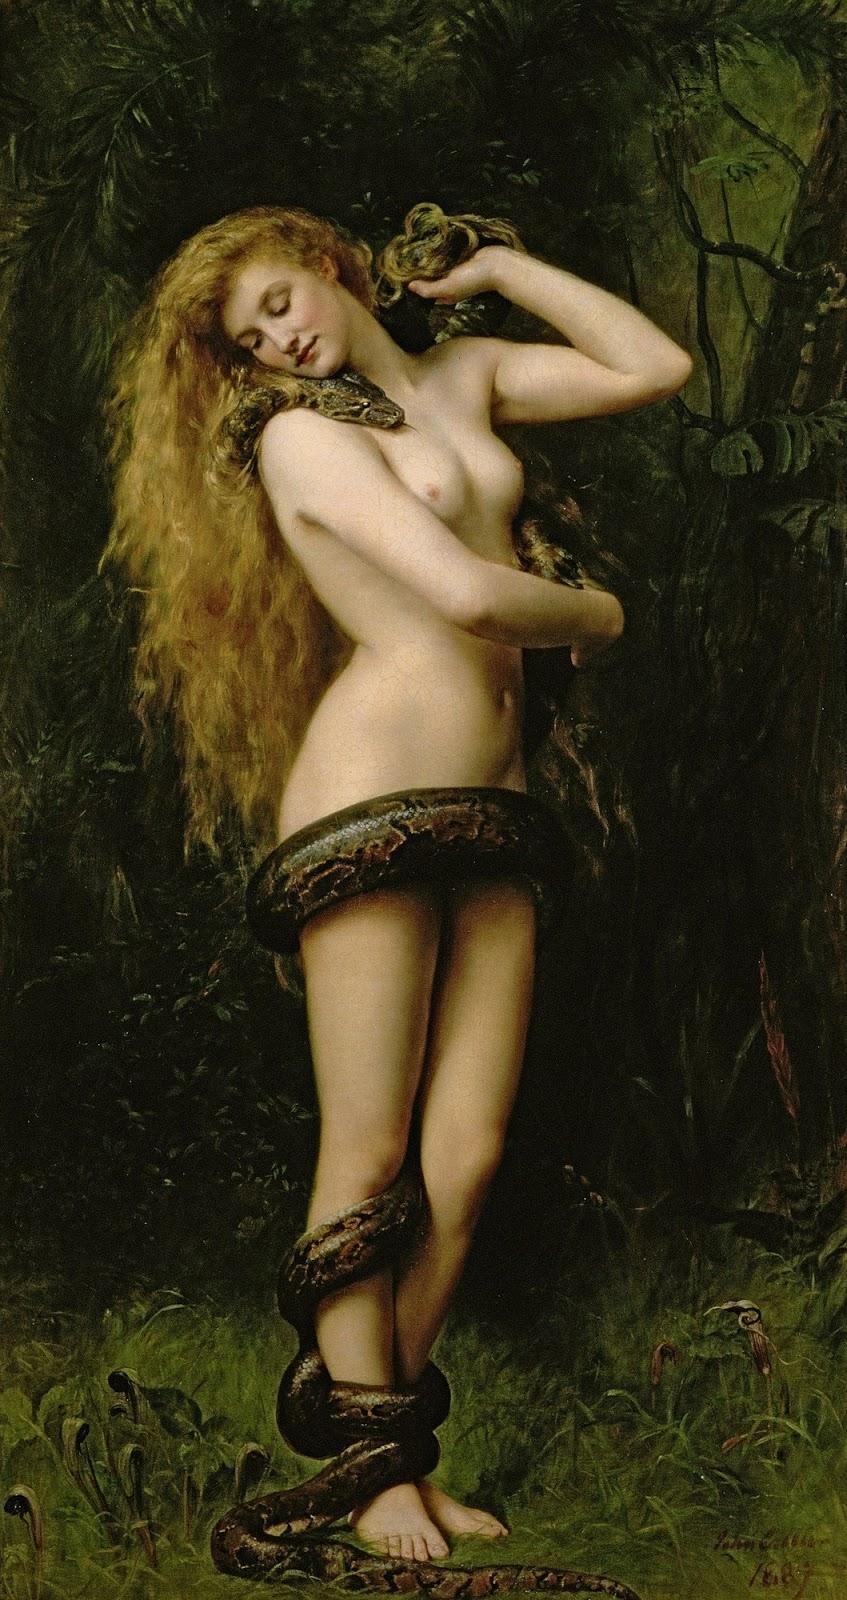 Jewish mythological figure Lilith